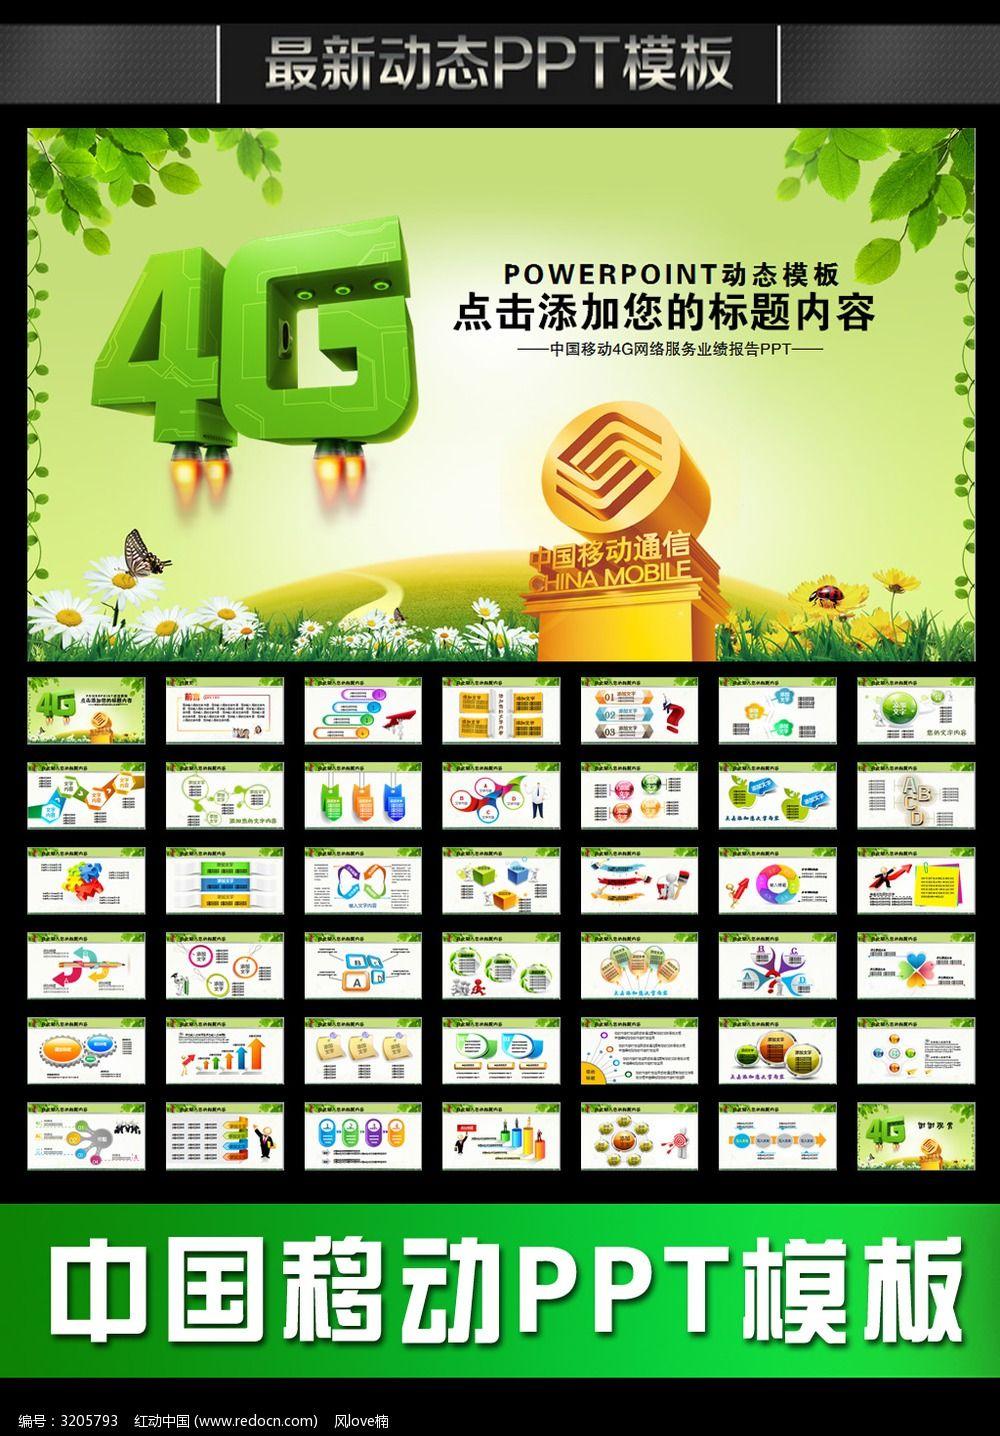 中国移动通信4G网络手机工作动态PPT图片